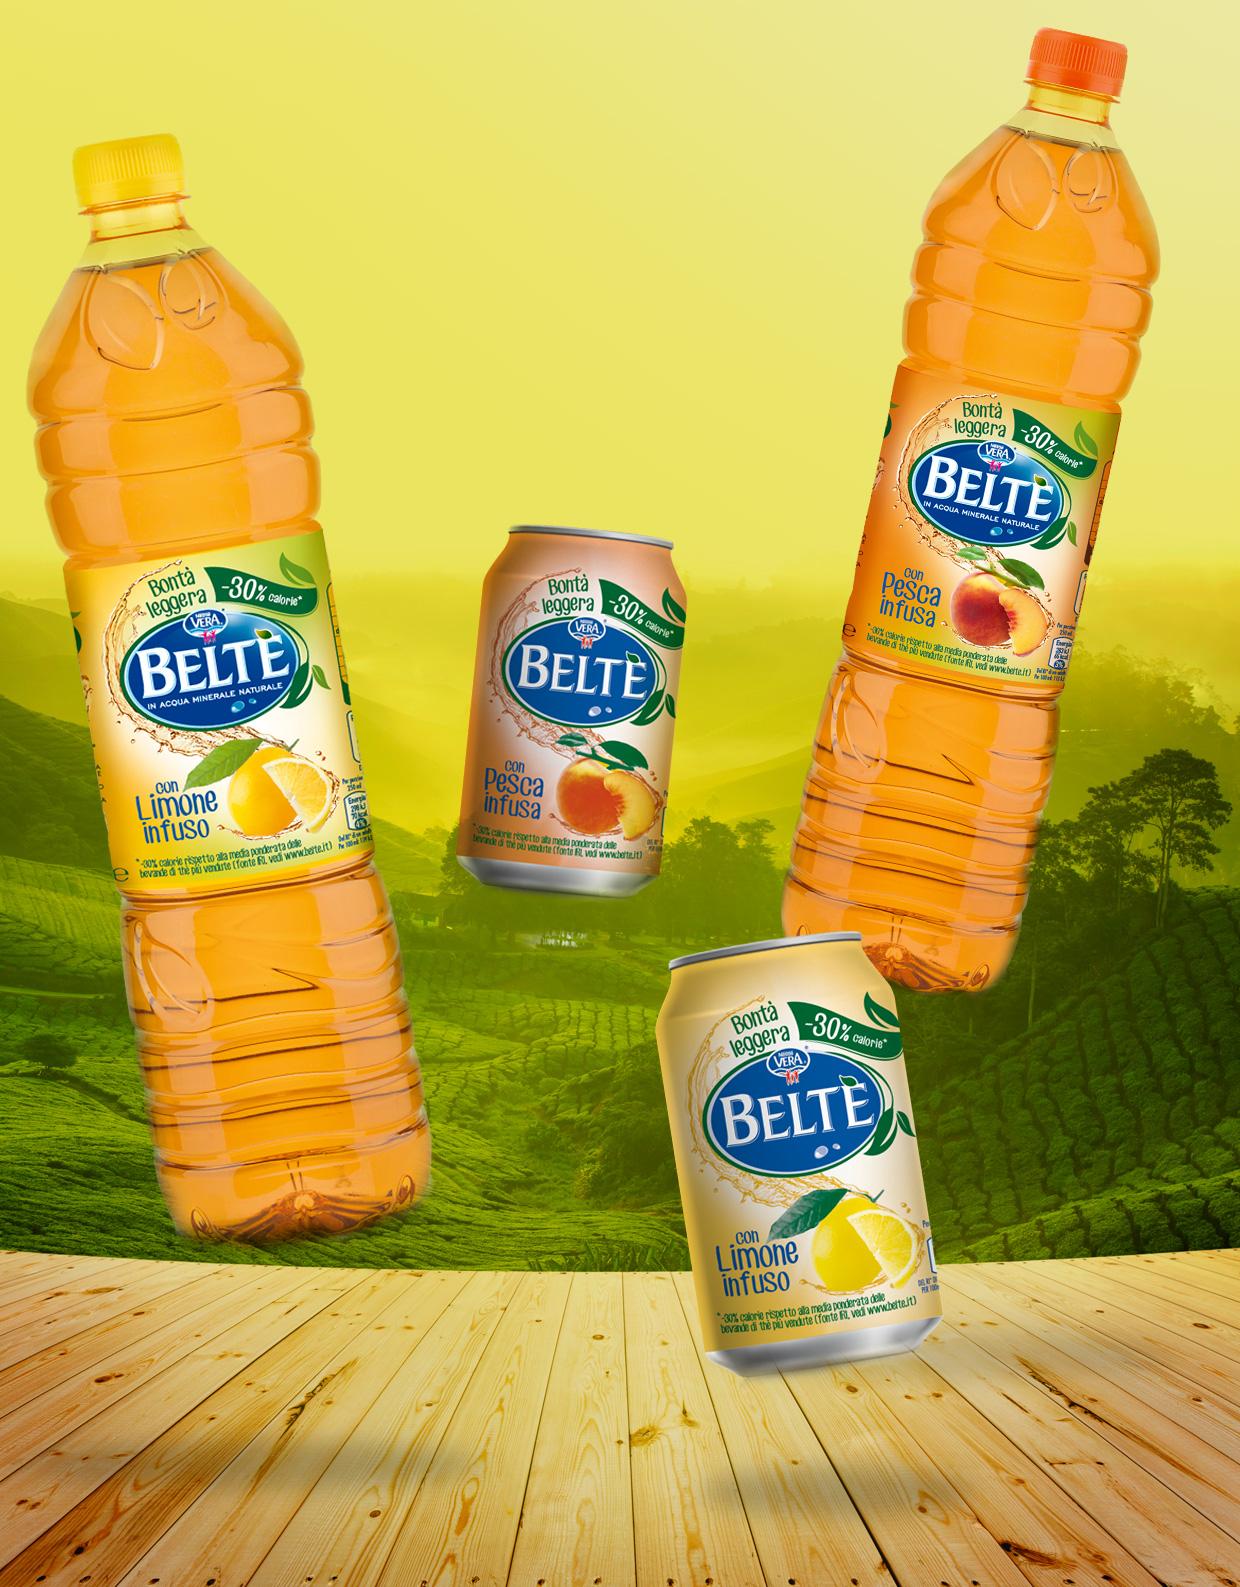 belte_03